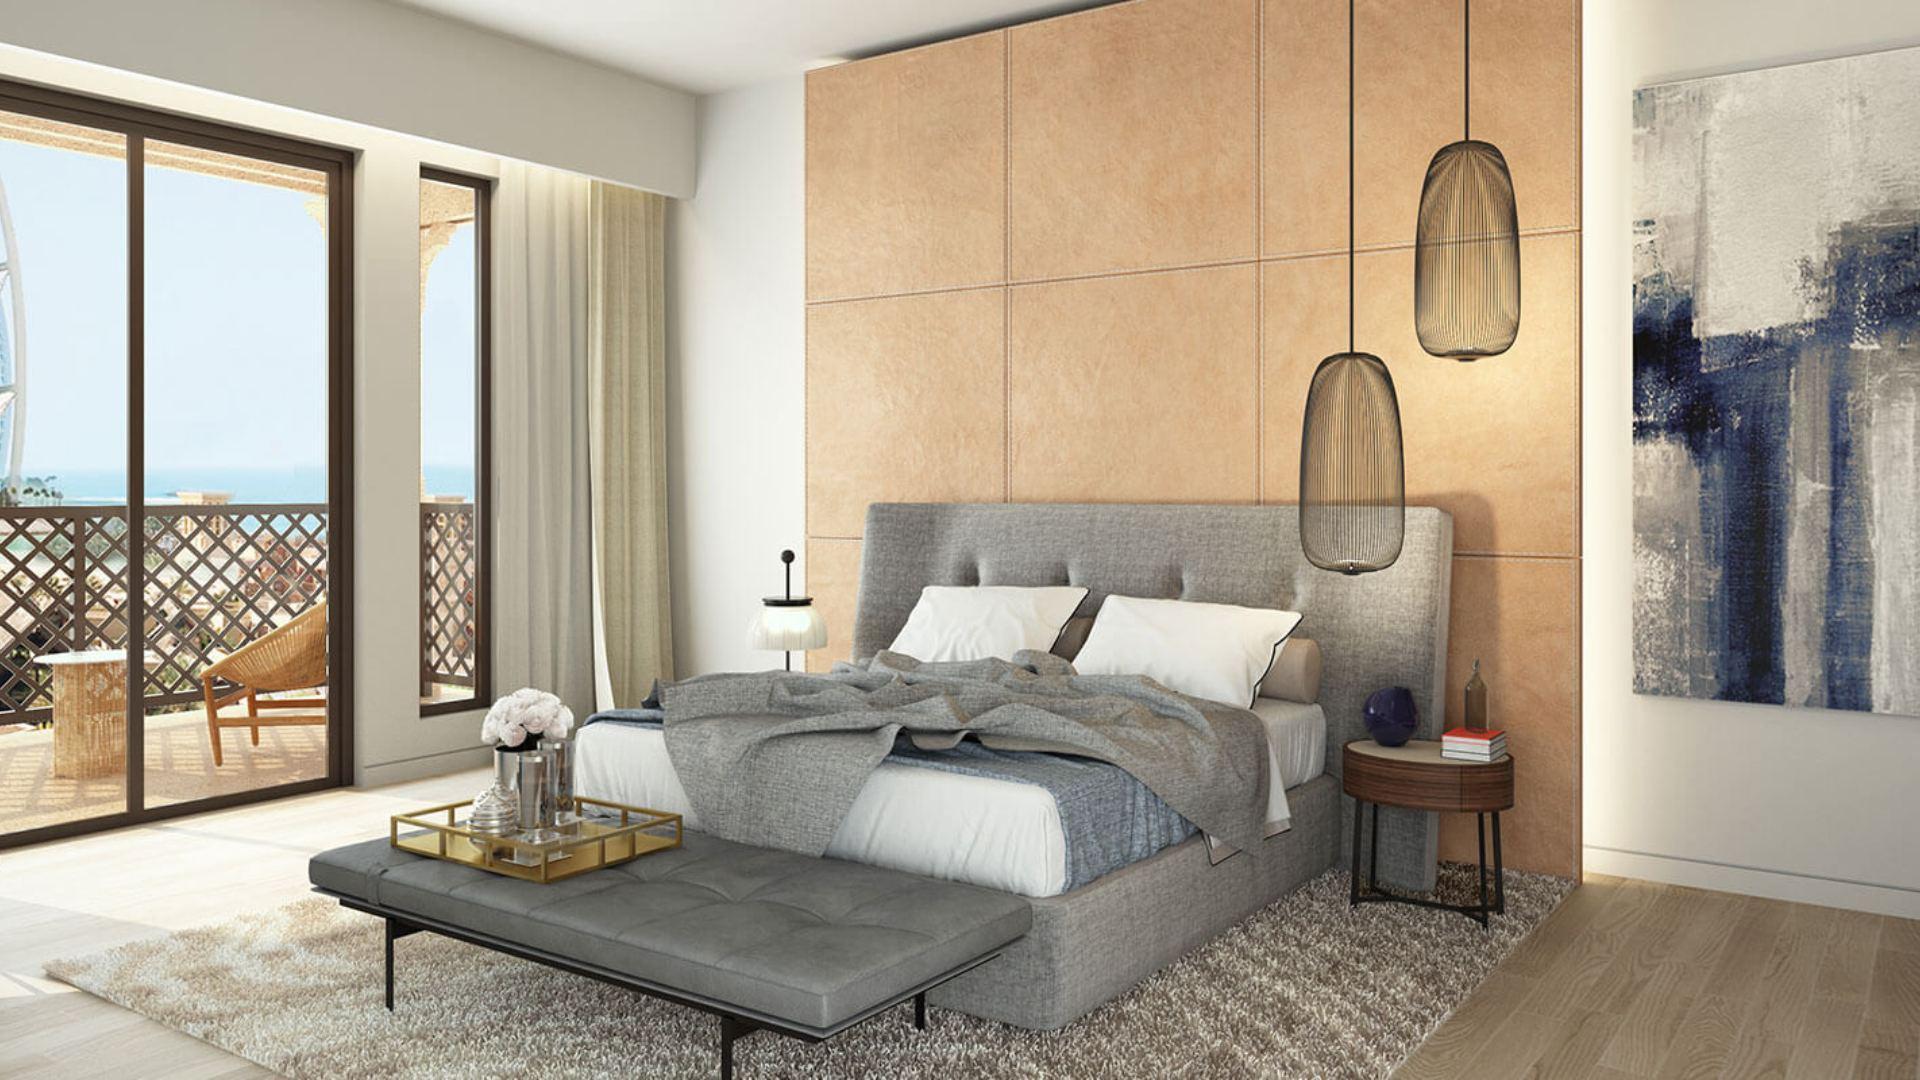 Apartamento en venta en Dubai, EAU, 1 dormitorio, 73 m2, № 24292 – foto 1